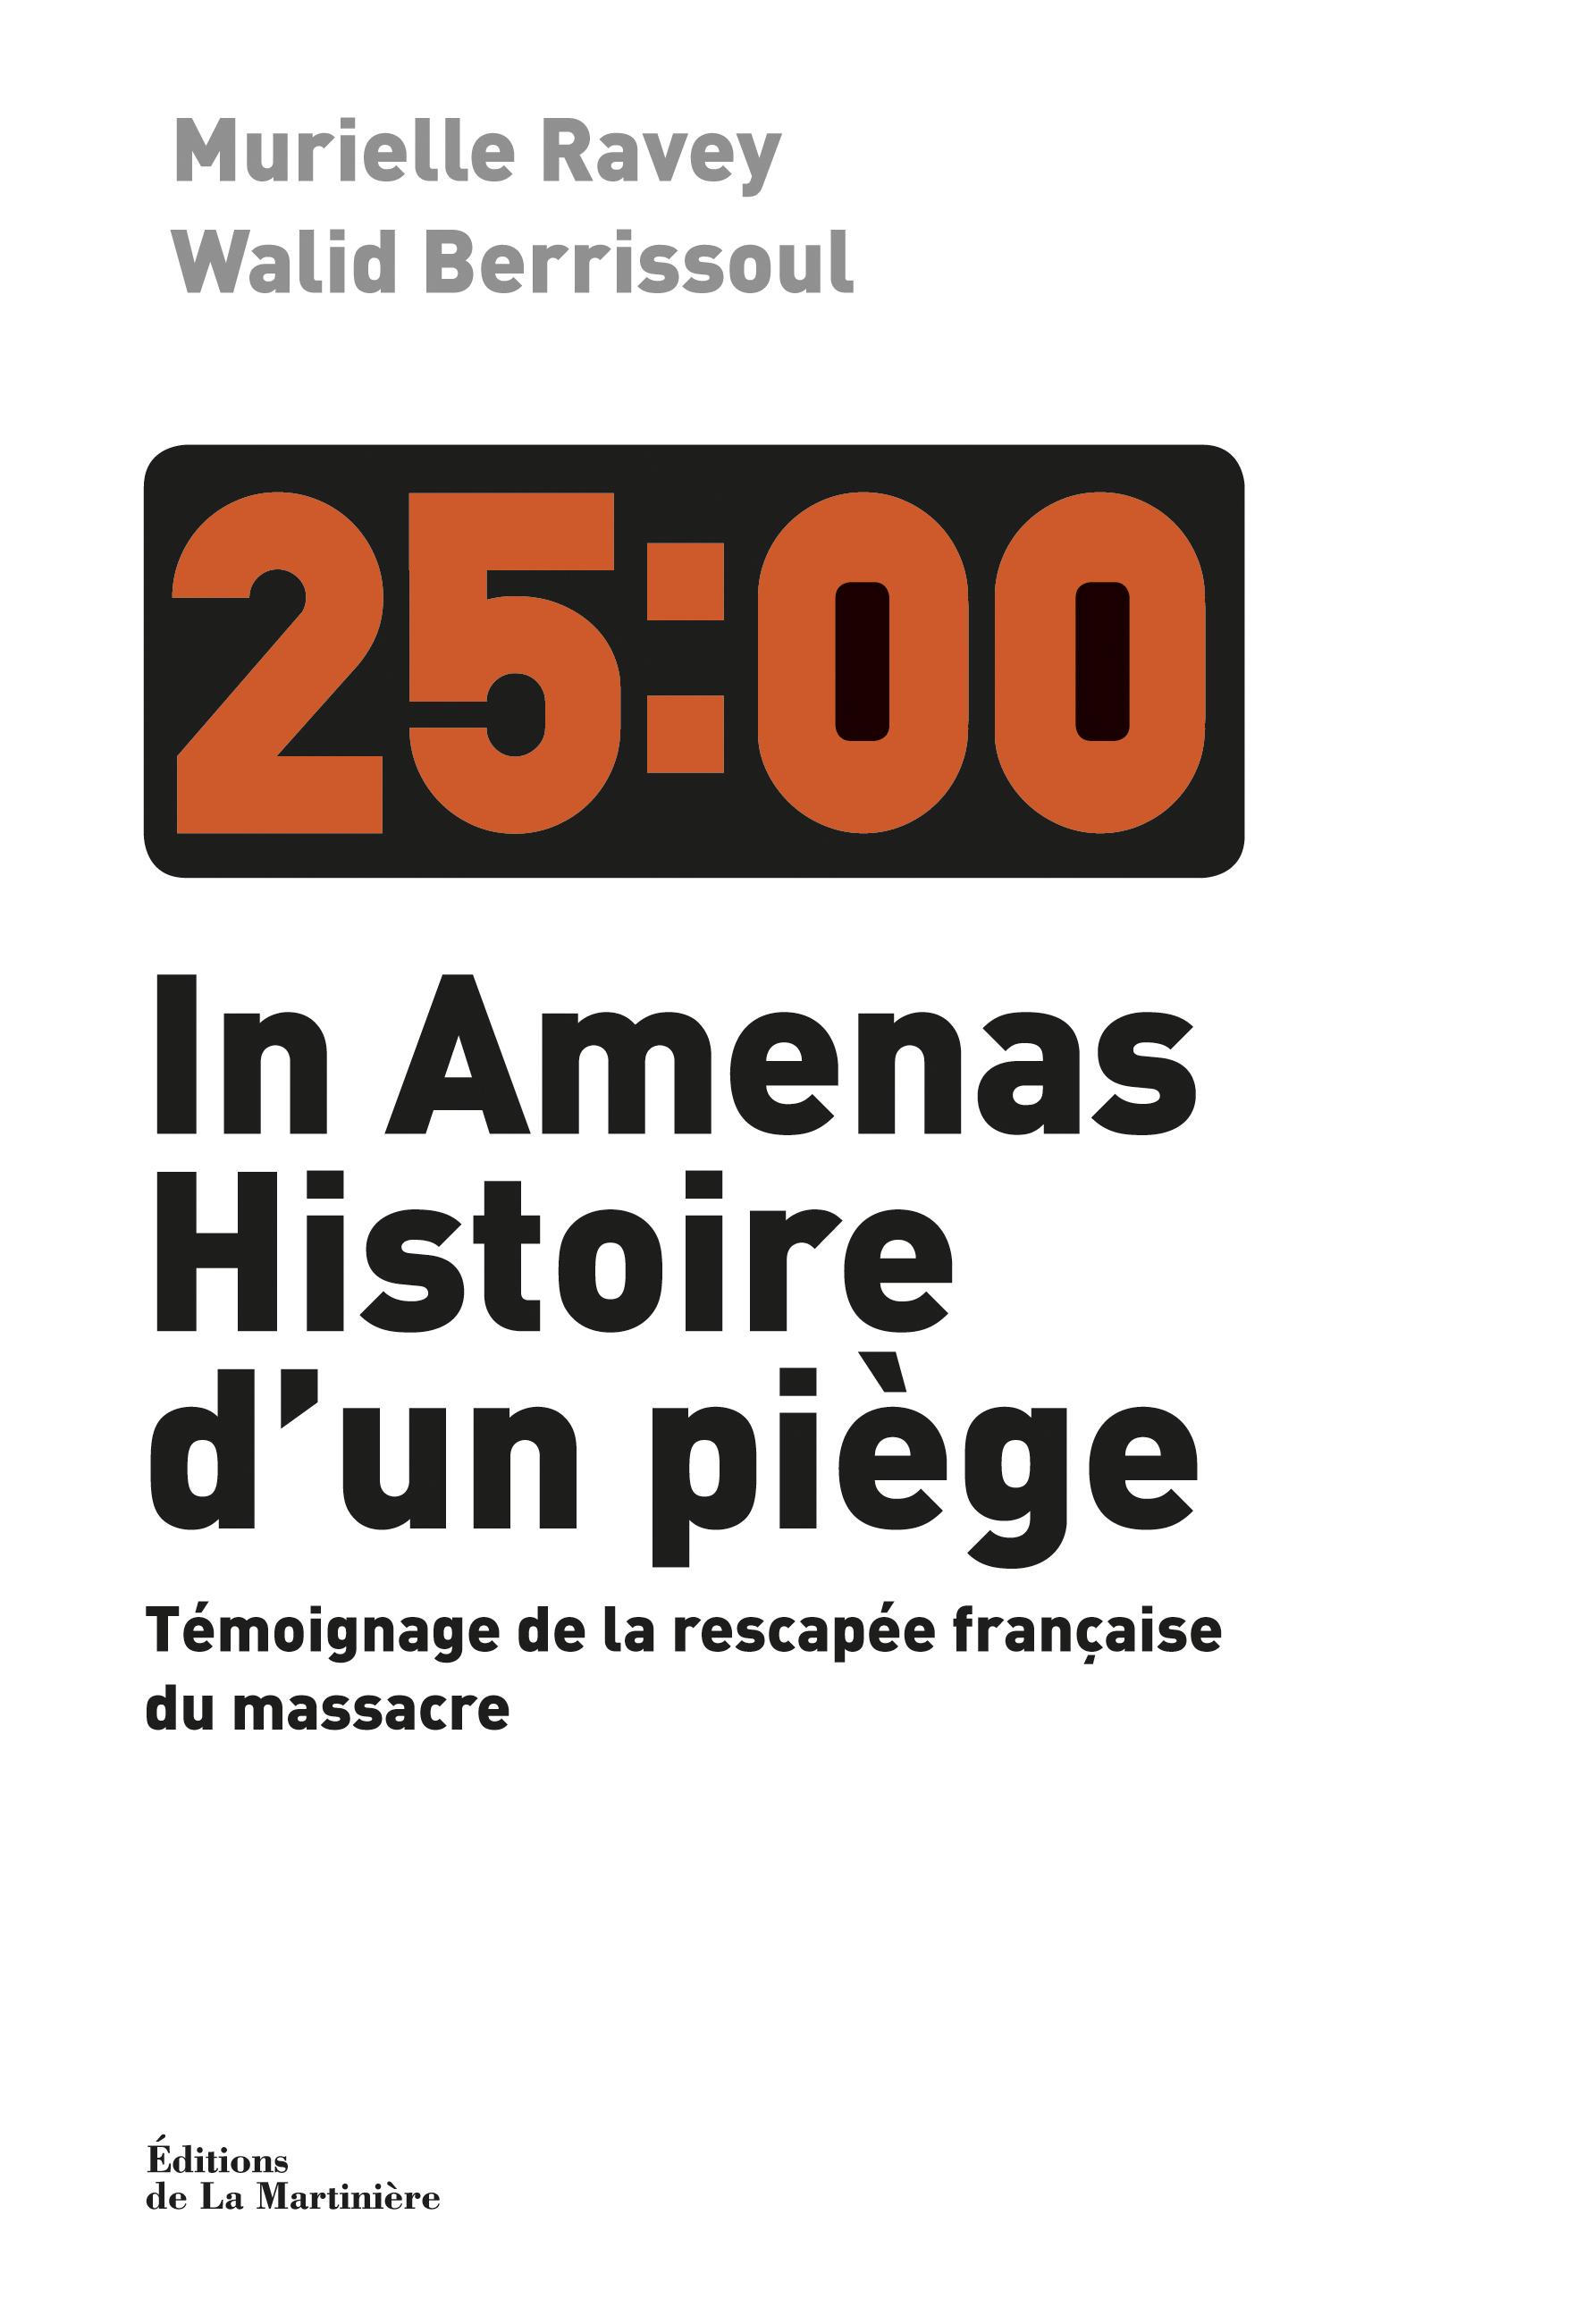 In Amenas, histoire d'un piège